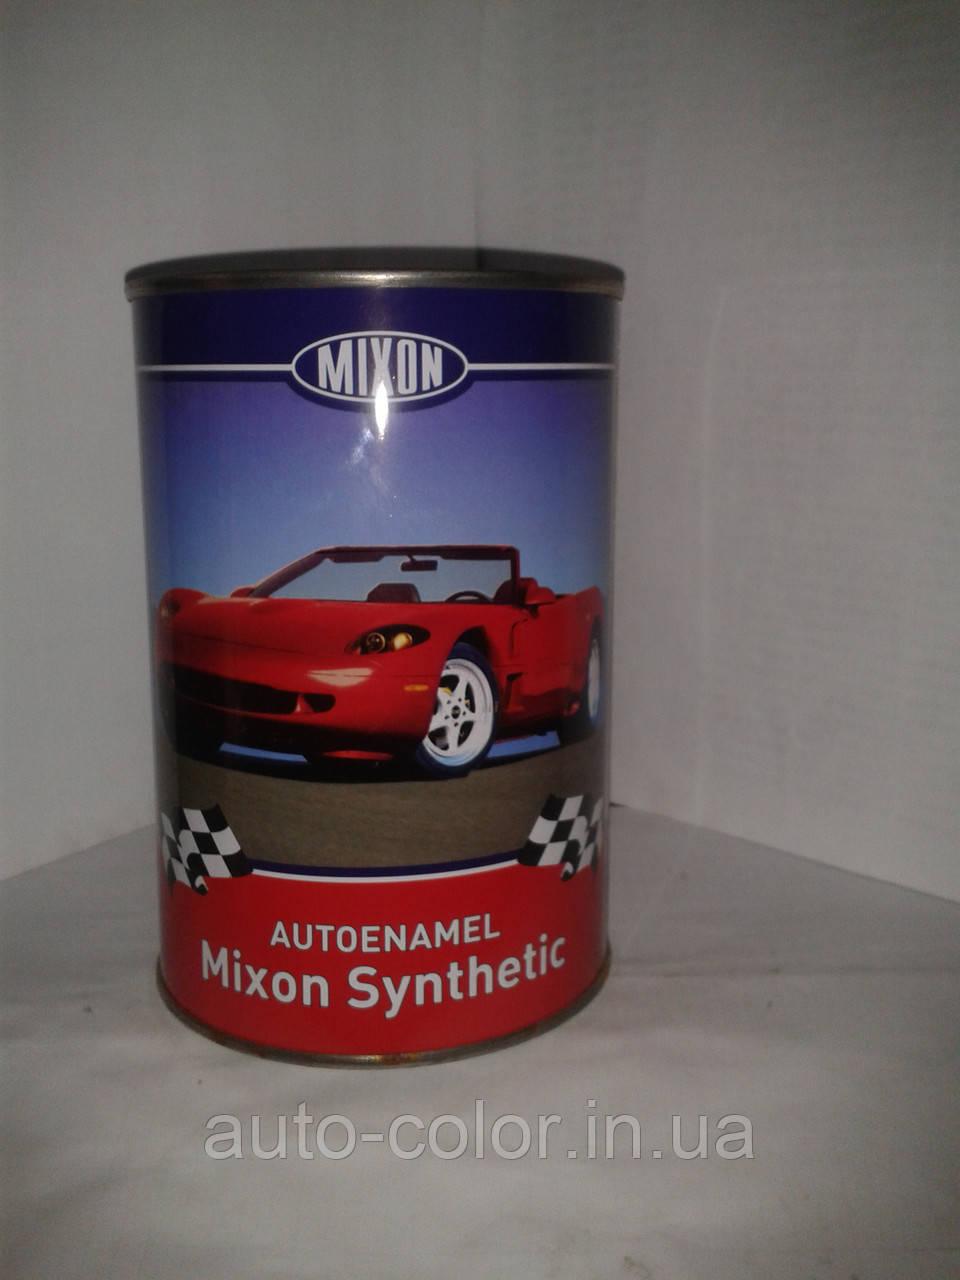 Автомобільна алкідна емаль MIXON Кедр 352 1л.